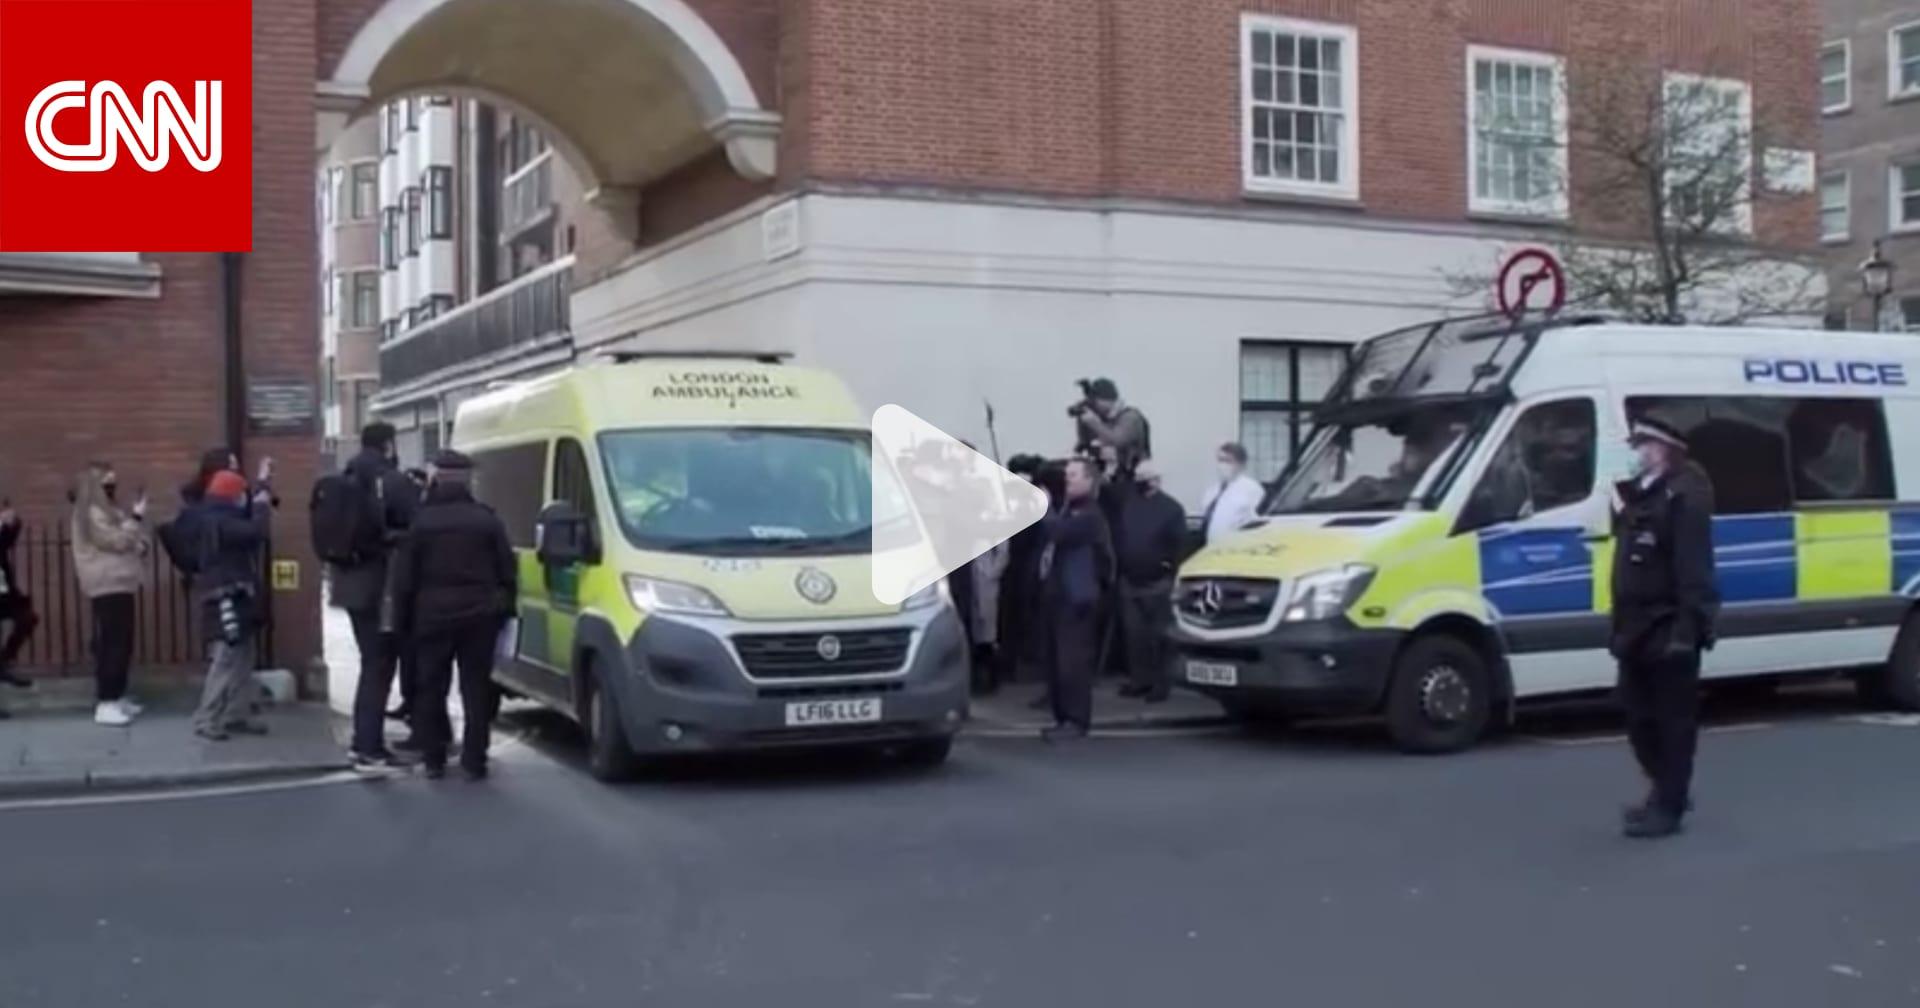 بعد أطول فترة مكوث له في مستشفى.. نقل الأمير فيليب إلى مستشفى جديد